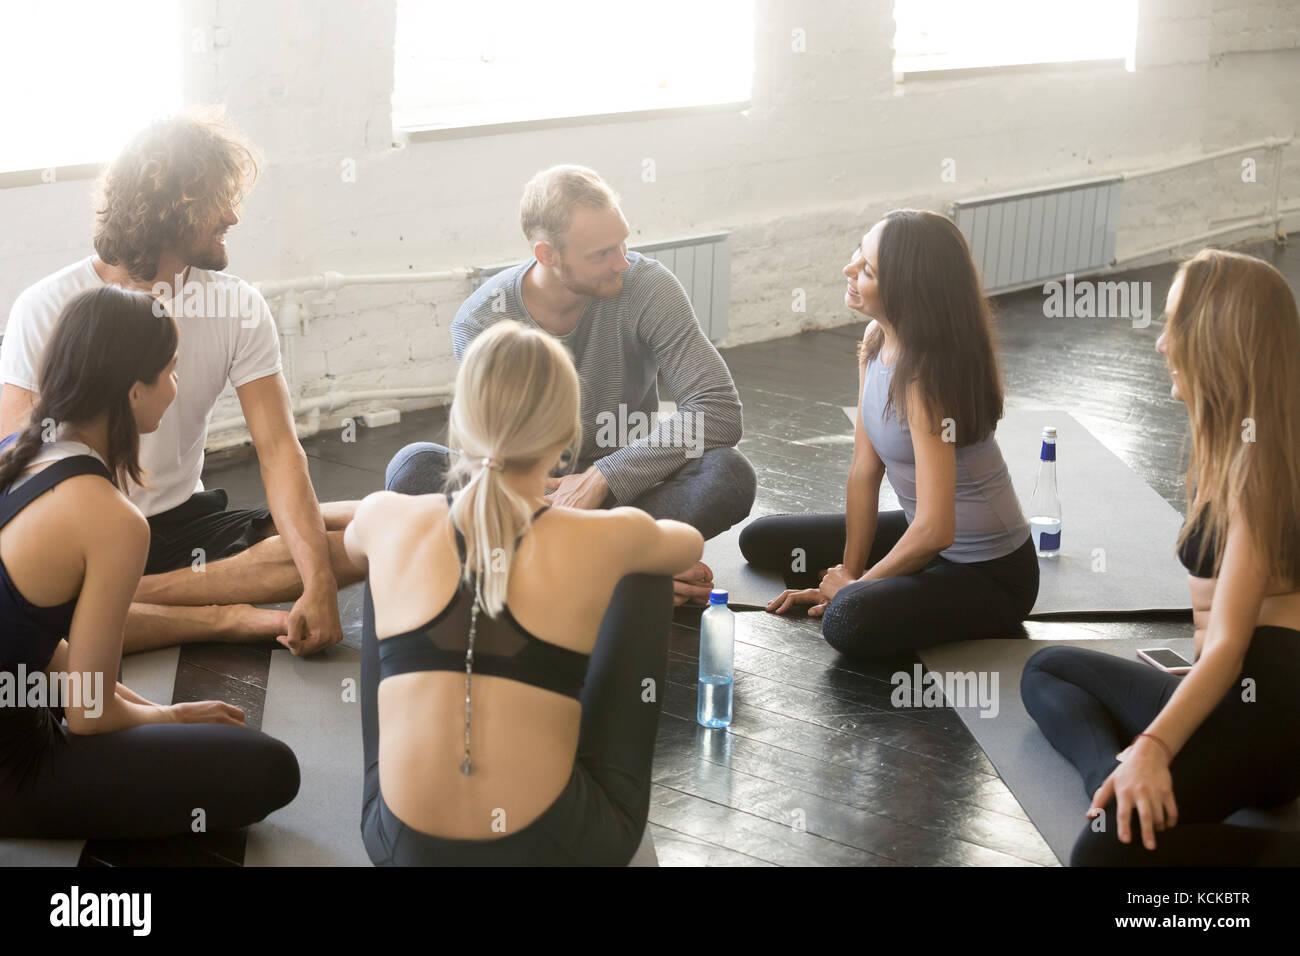 Gruppo sportivo di felice la gente seduta sul pavimento della palestra, gli studenti a parlare e riposo dopo la Immagini Stock